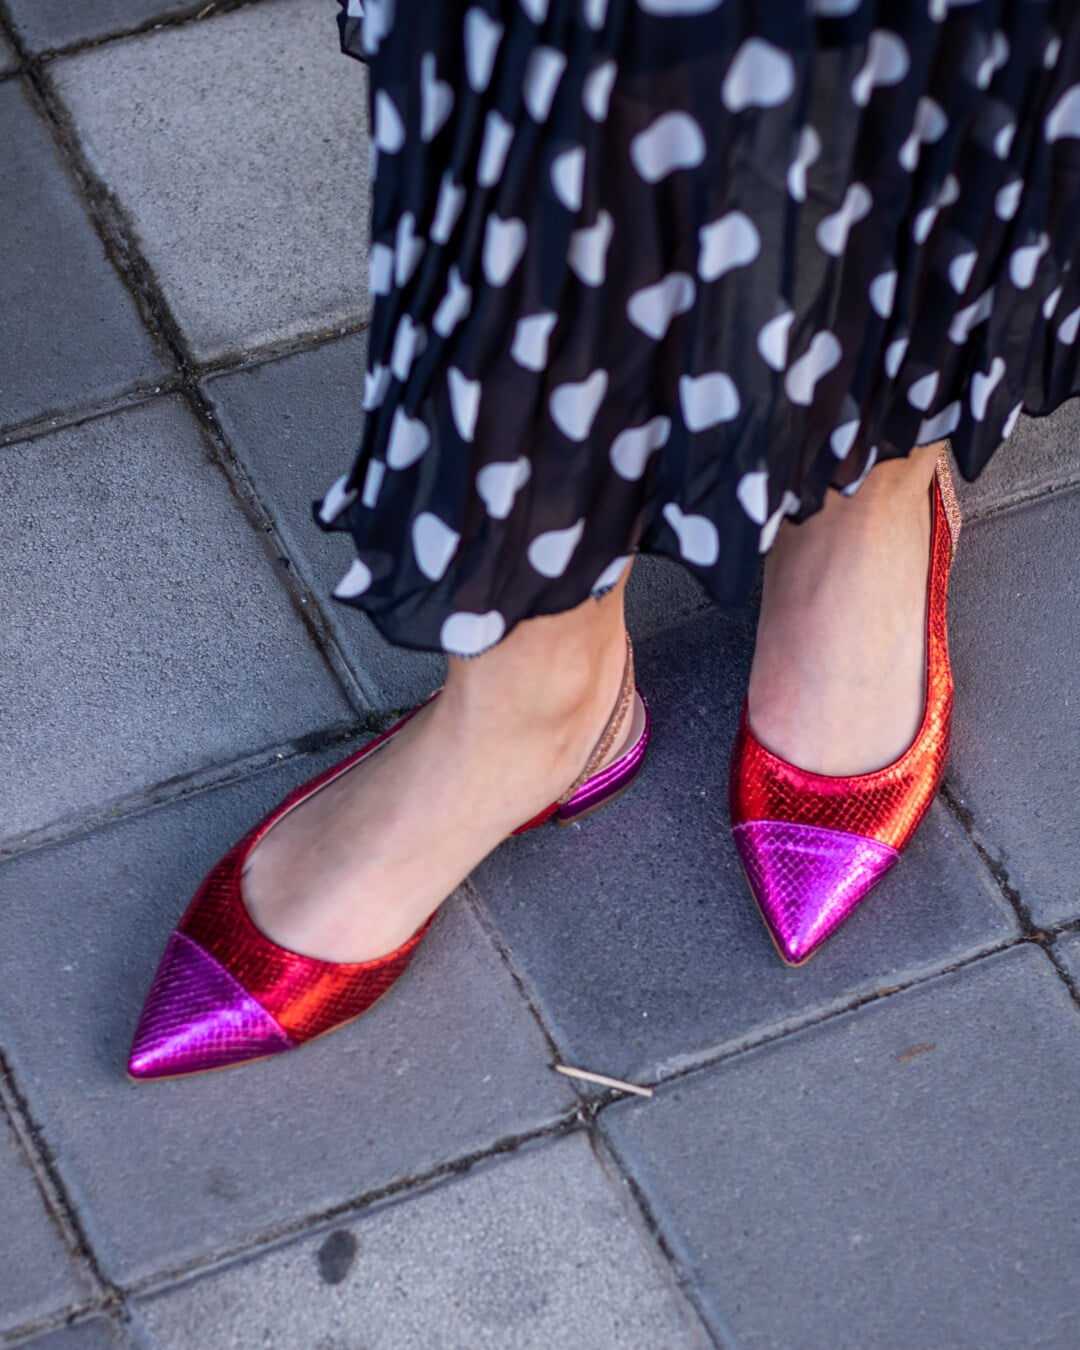 rouge, rosâtre, chaussures, noir et blanc, jupe, chaussures, chaussure, jeune fille, mode, femme